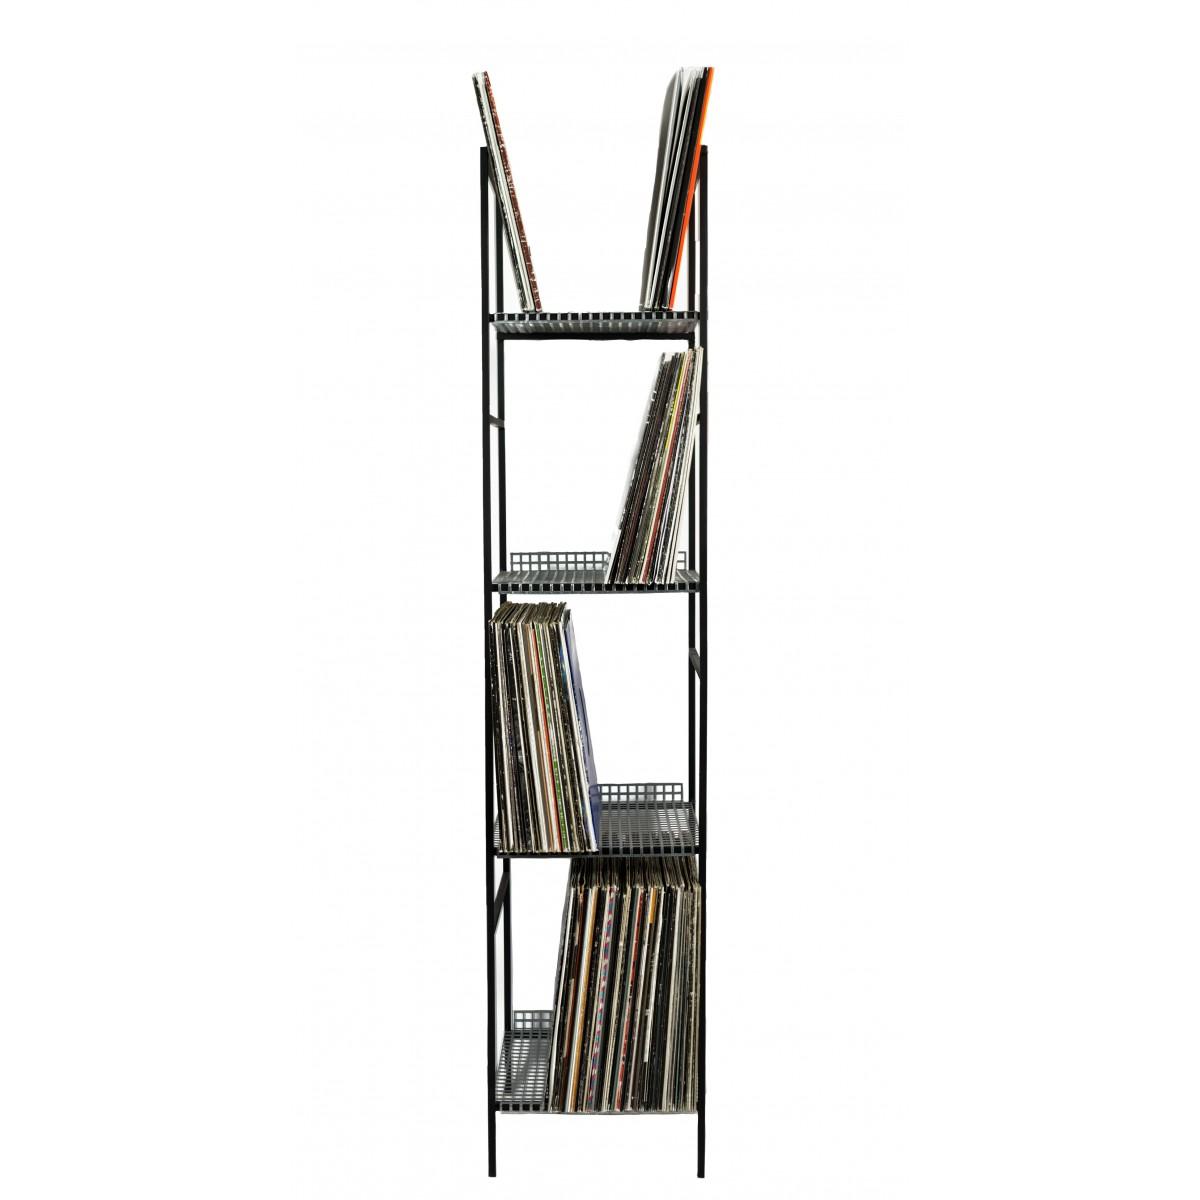 Vinyl Tower - b.0